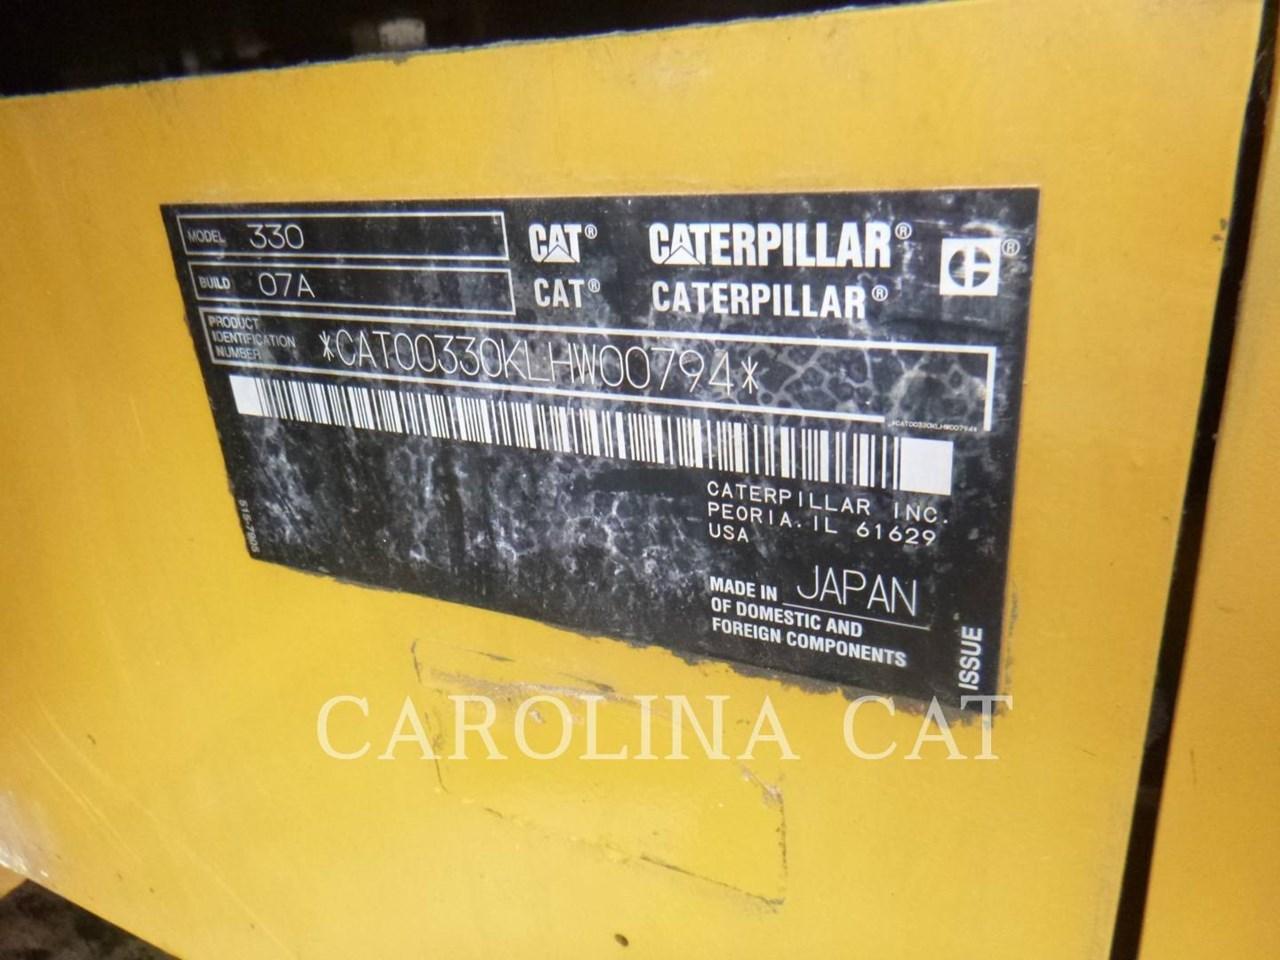 2019 Caterpillar 330 Image 6